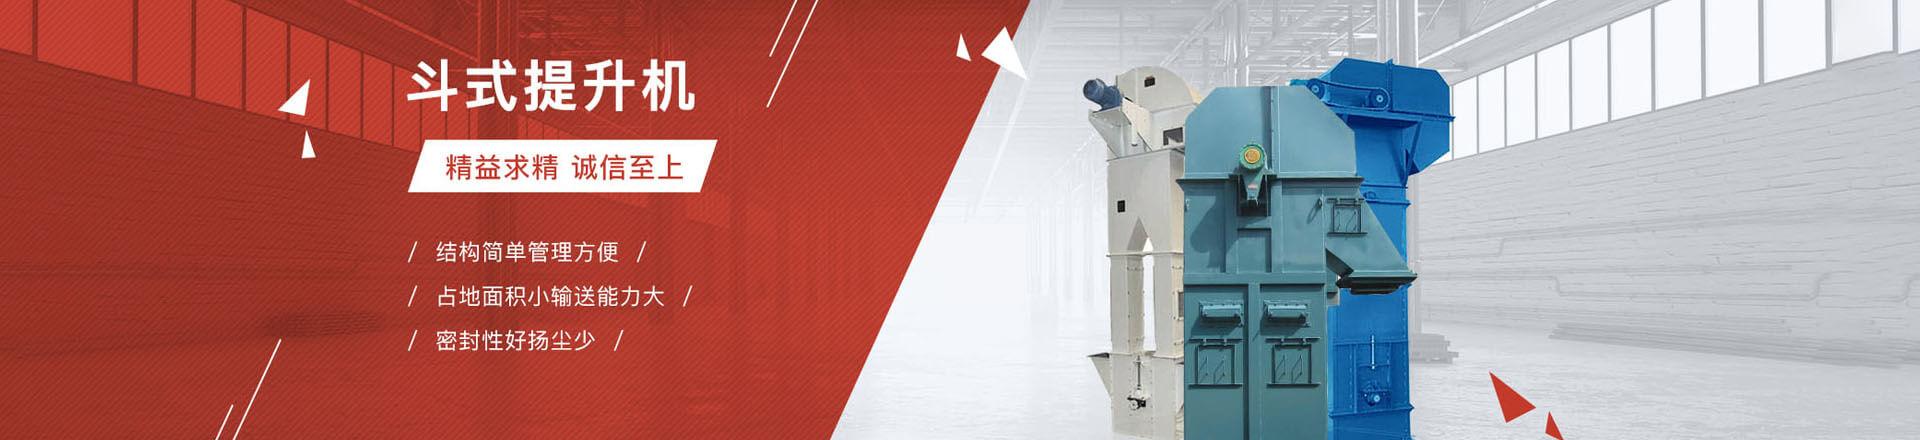 斗式提升专业制造生产厂家-郑州龙淮机械设备有限公司